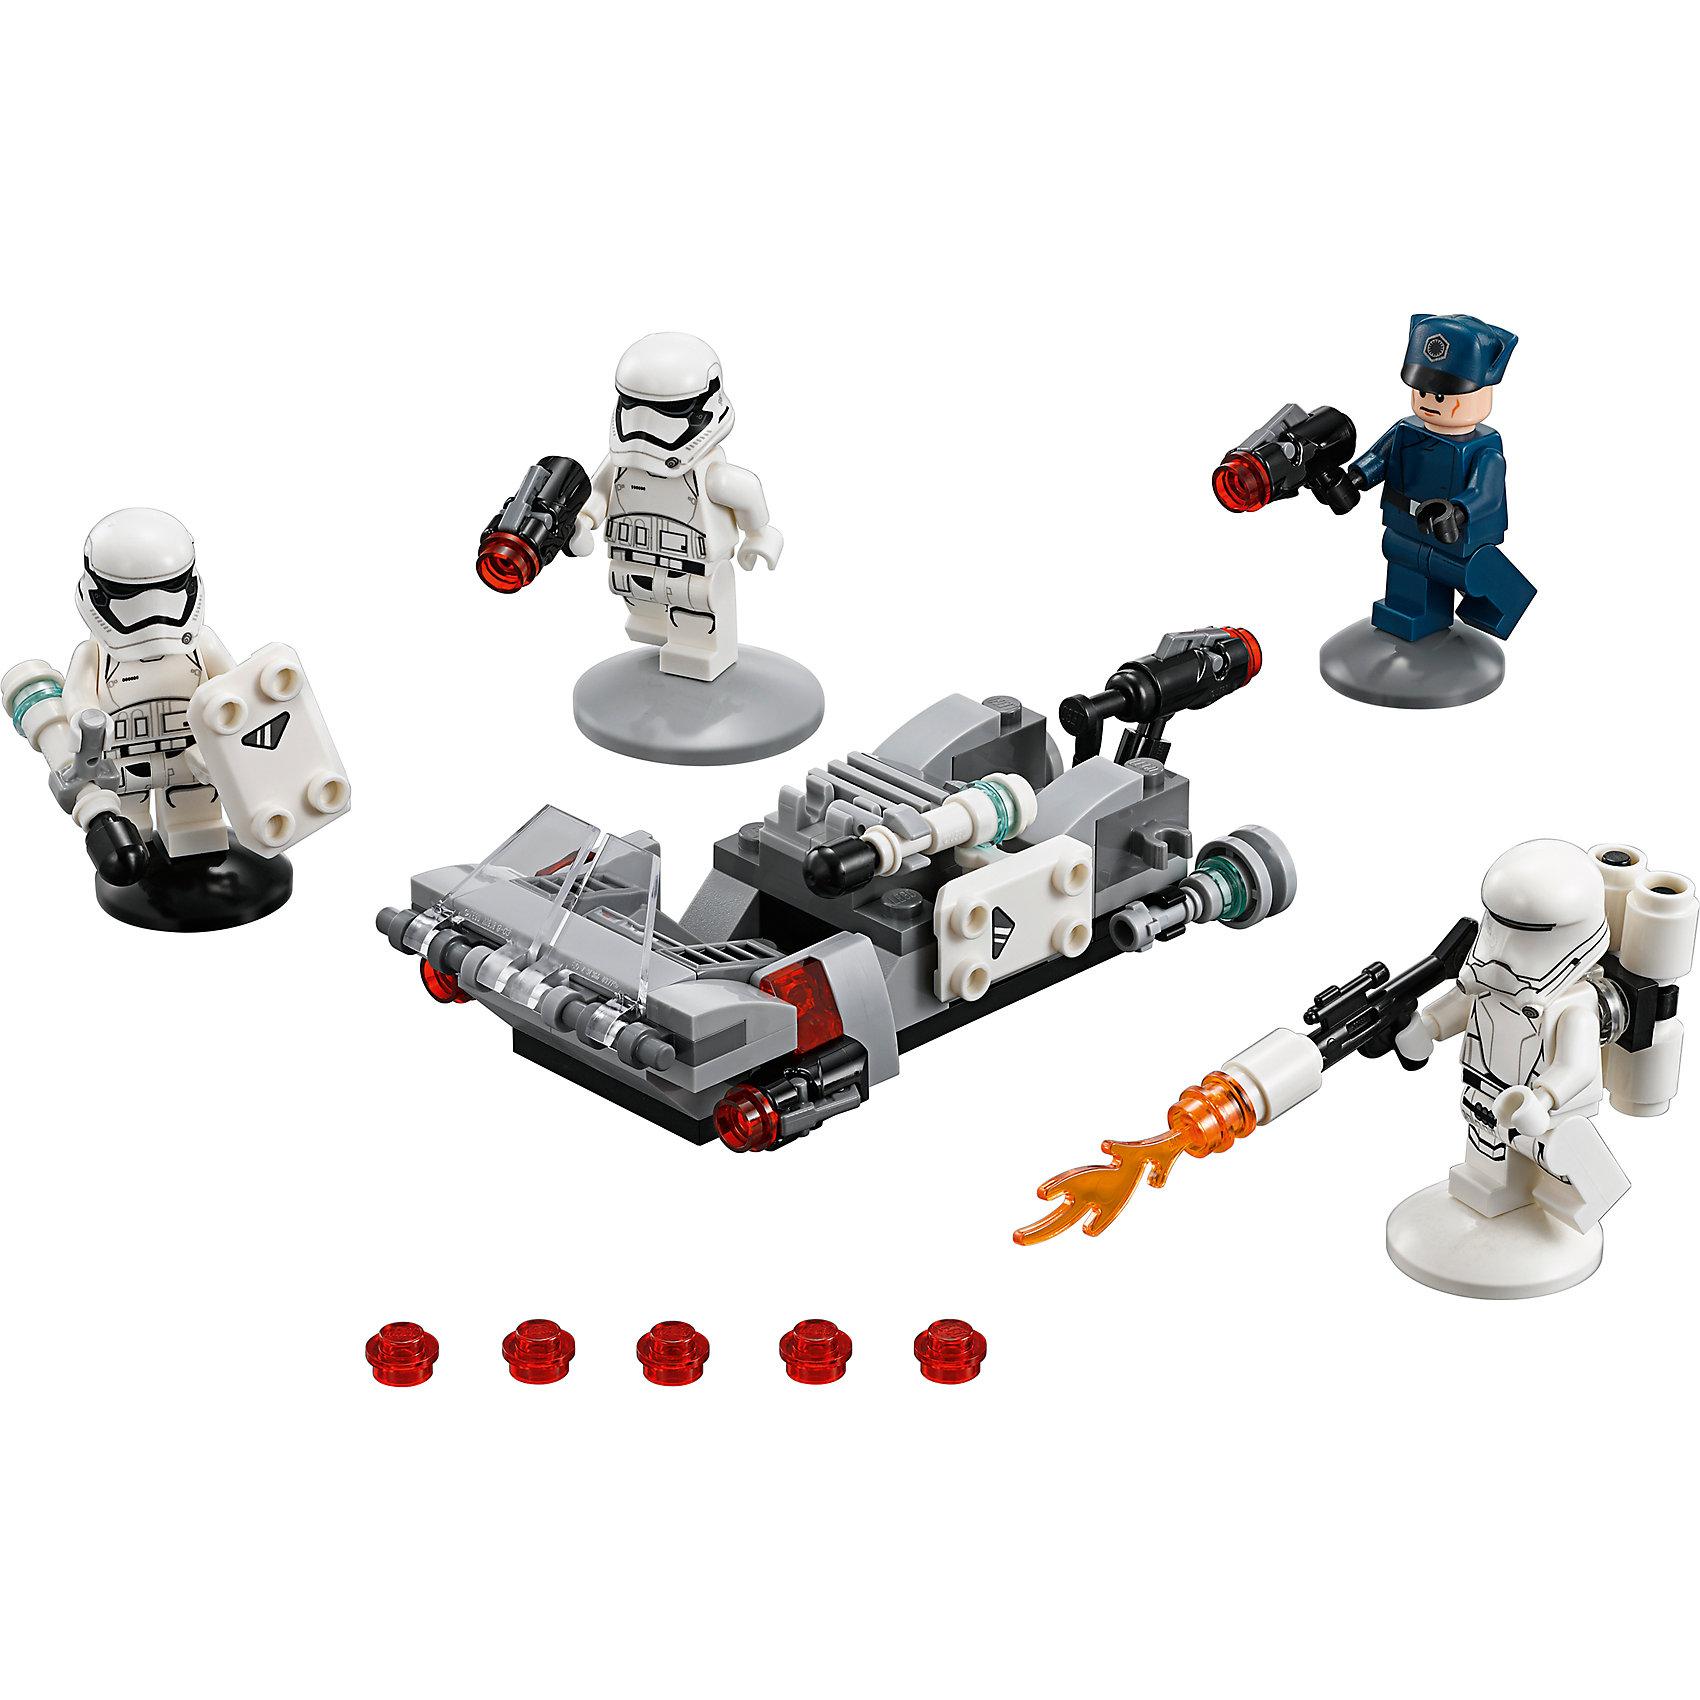 Конструктор Lego Star Wars 75166: Спидер Первого орденаПластмассовые конструкторы<br>Характеристики товара:<br><br>• возраст: от 6 лет;<br>• материал: пластик;<br>• в комплекте: 117 деталей;<br>• количество минифигурок: 4;<br>• размер упаковки: 14,1х19,1х4,6 см;<br>• вес упаковки: 120 гр.;<br>• страна производитель: Чехия.<br><br>Конструктор Lego Star Wars «Спидер Первого ордена» создан по мотивам известной космической саги «Звездные войны». Из элементов конструктора предстоит собрать 4 фигурки персонажей и транспортное средство спидер. Спидер используется для переброски отрядов штурмовиков. Он оснащен двумя передними пушками, стреляющими снарядами, и одной пушкой на задней части.<br><br>Все детали выполнены из качественных безопасных материалов. В процессе сборки конструктора у детей развиваются мелкая моторика рук, усидчивость, логическое мышление.<br><br>Конструктор Lego Star Wars «Спидер Первого ордена» можно приобрести в нашем интернет-магазине.<br><br>Ширина мм: 398<br>Глубина мм: 198<br>Высота мм: 159<br>Вес г: 130<br>Возраст от месяцев: 72<br>Возраст до месяцев: 2147483647<br>Пол: Мужской<br>Возраст: Детский<br>SKU: 5619972